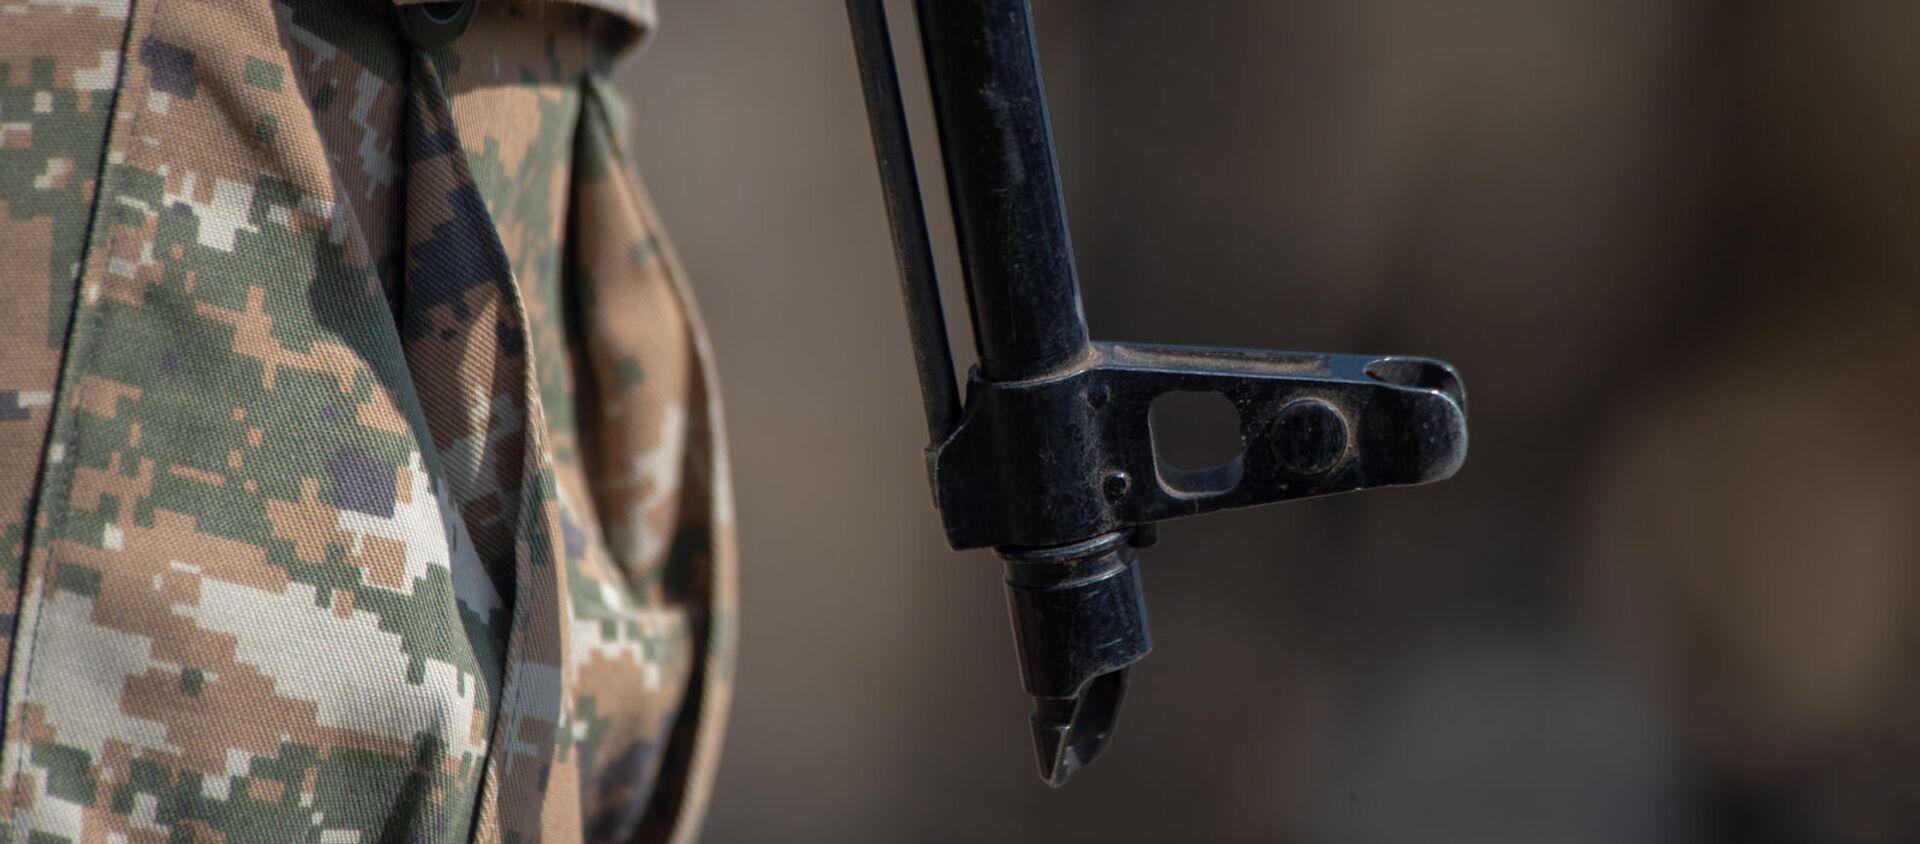 Армянские и российские военнослужащие разыгрывают боевые тактические действия в рамках стратегического командно-штабного учения «Кавказ-2020» на высокогорном полигоне «Алагяз» в Армении (24 сентября 2020). - Sputnik Արմենիա, 1920, 25.05.2021